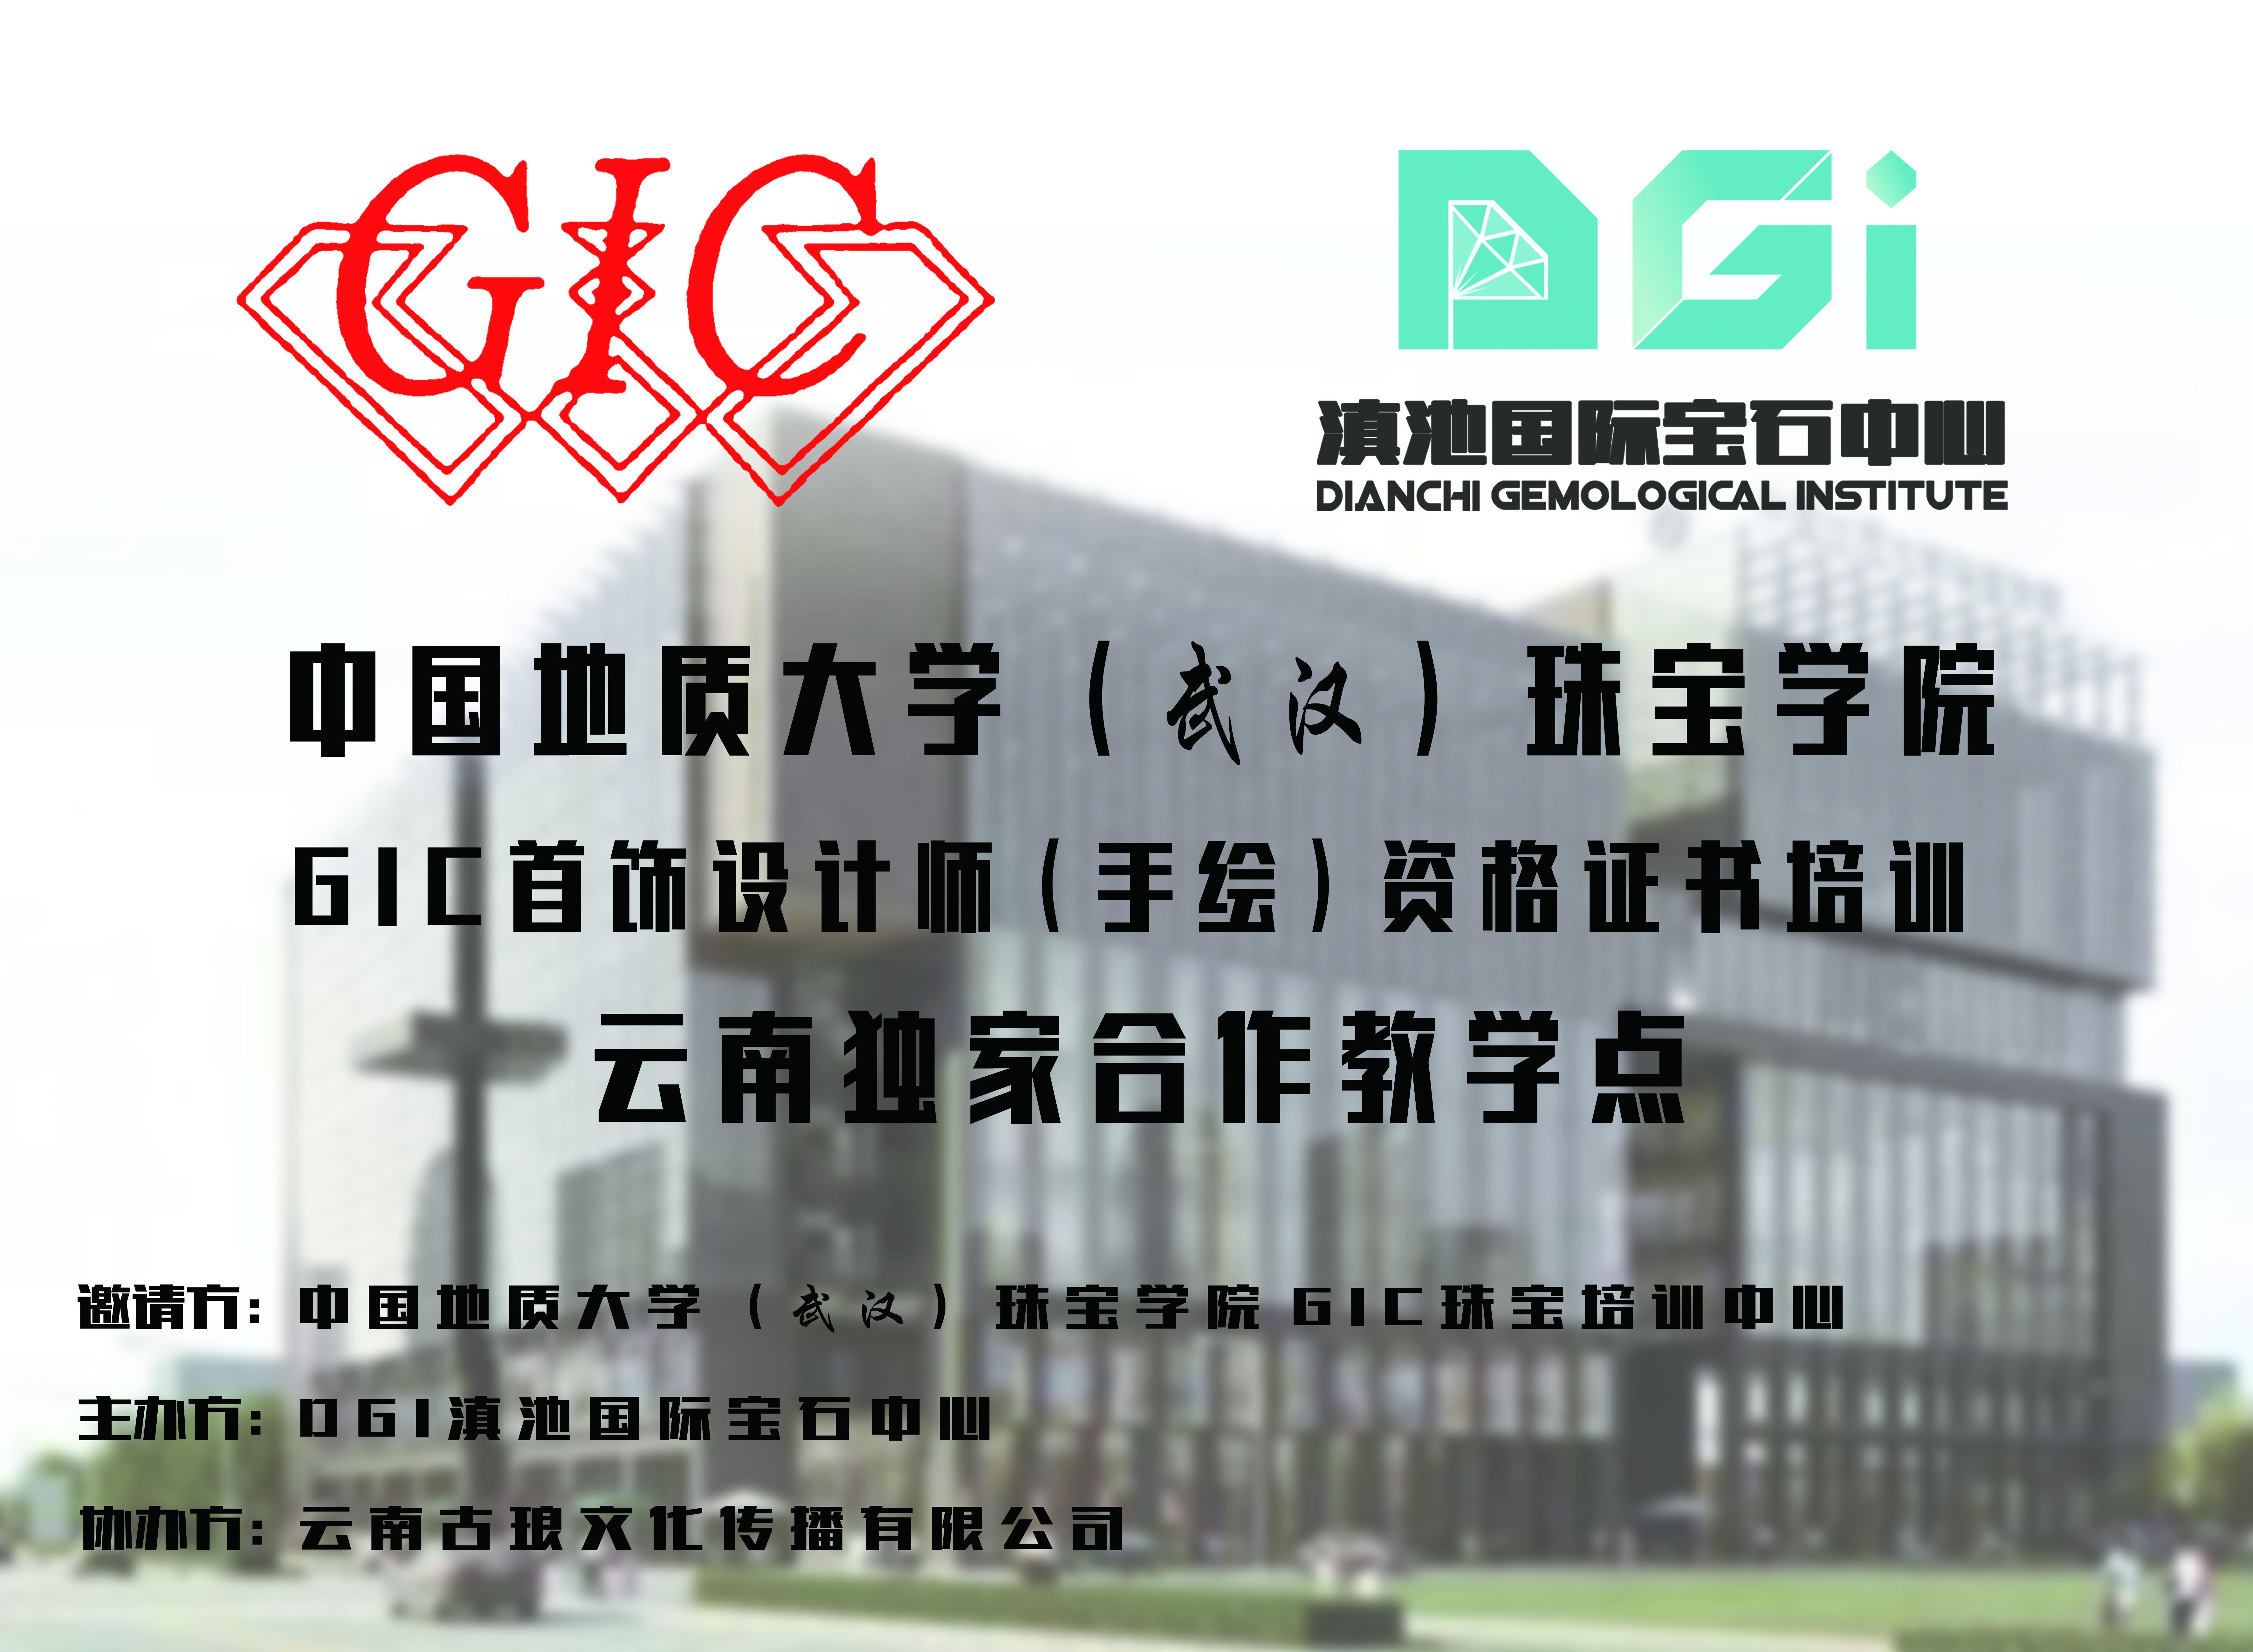 中国地质大学(北京)珠宝学院艺术设计考研记录_中国... - 手机版